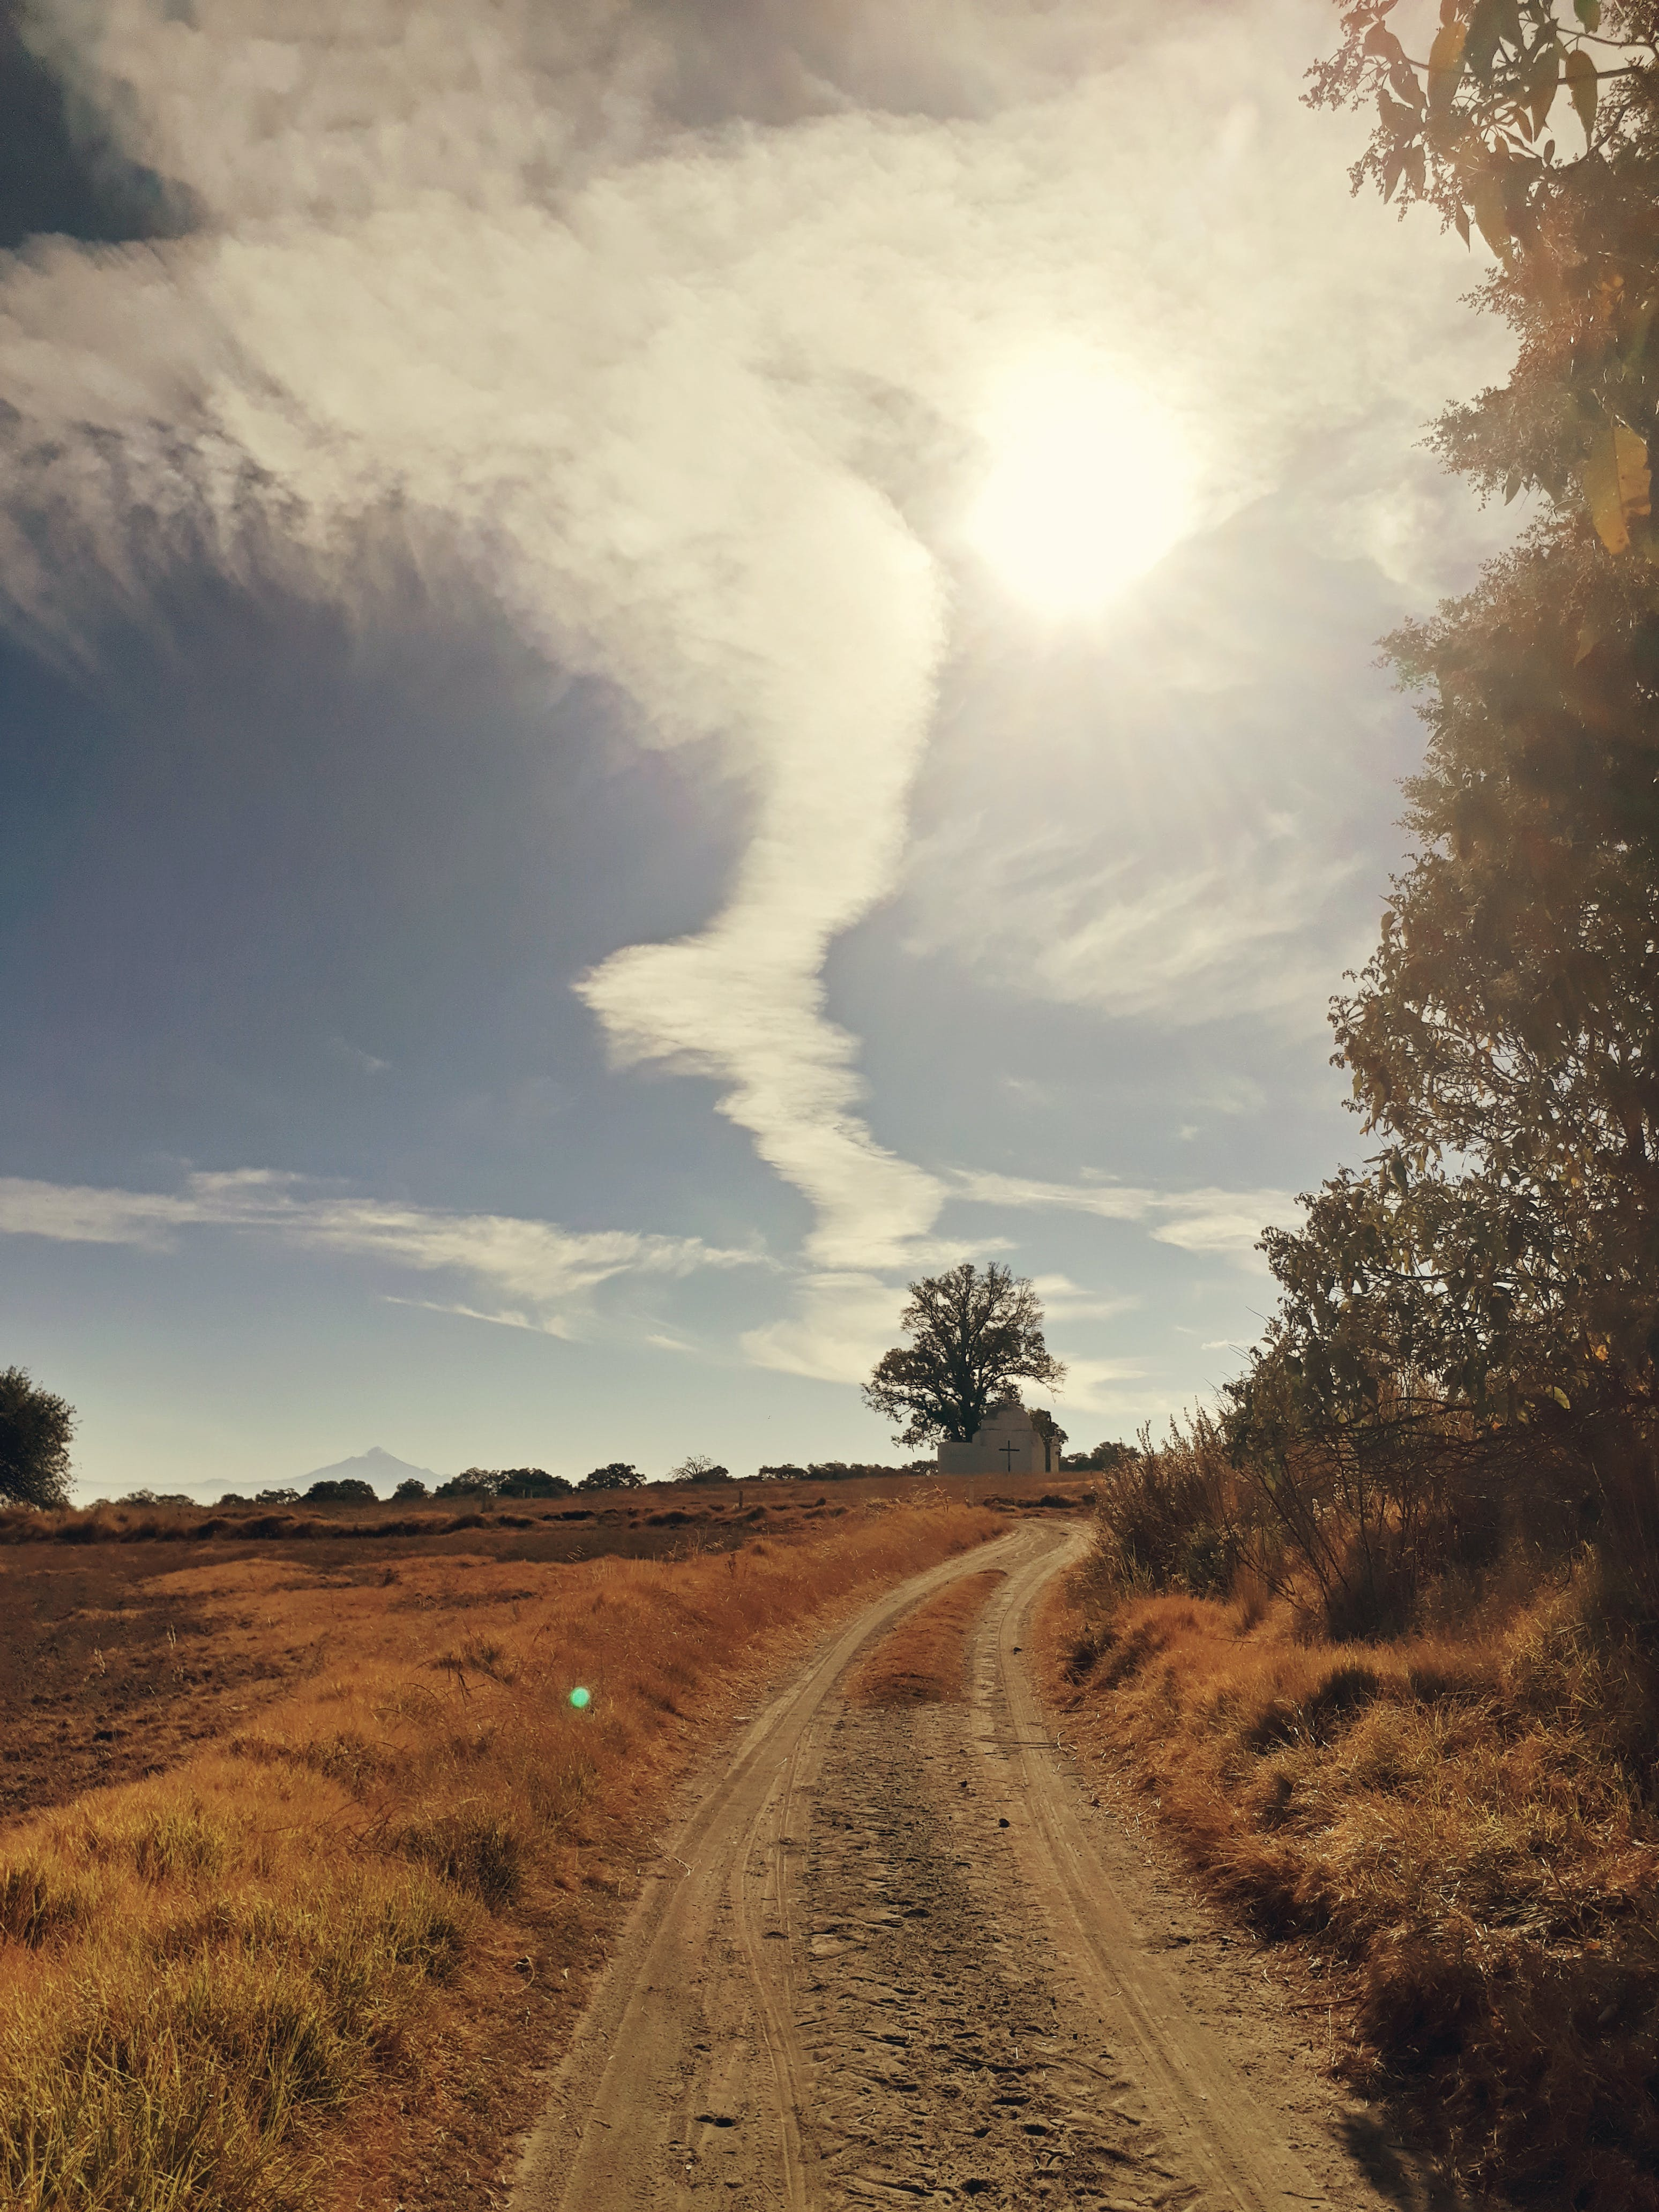 Fotos de stock gratuitas de camino de tierra, carretera, césped, cielo